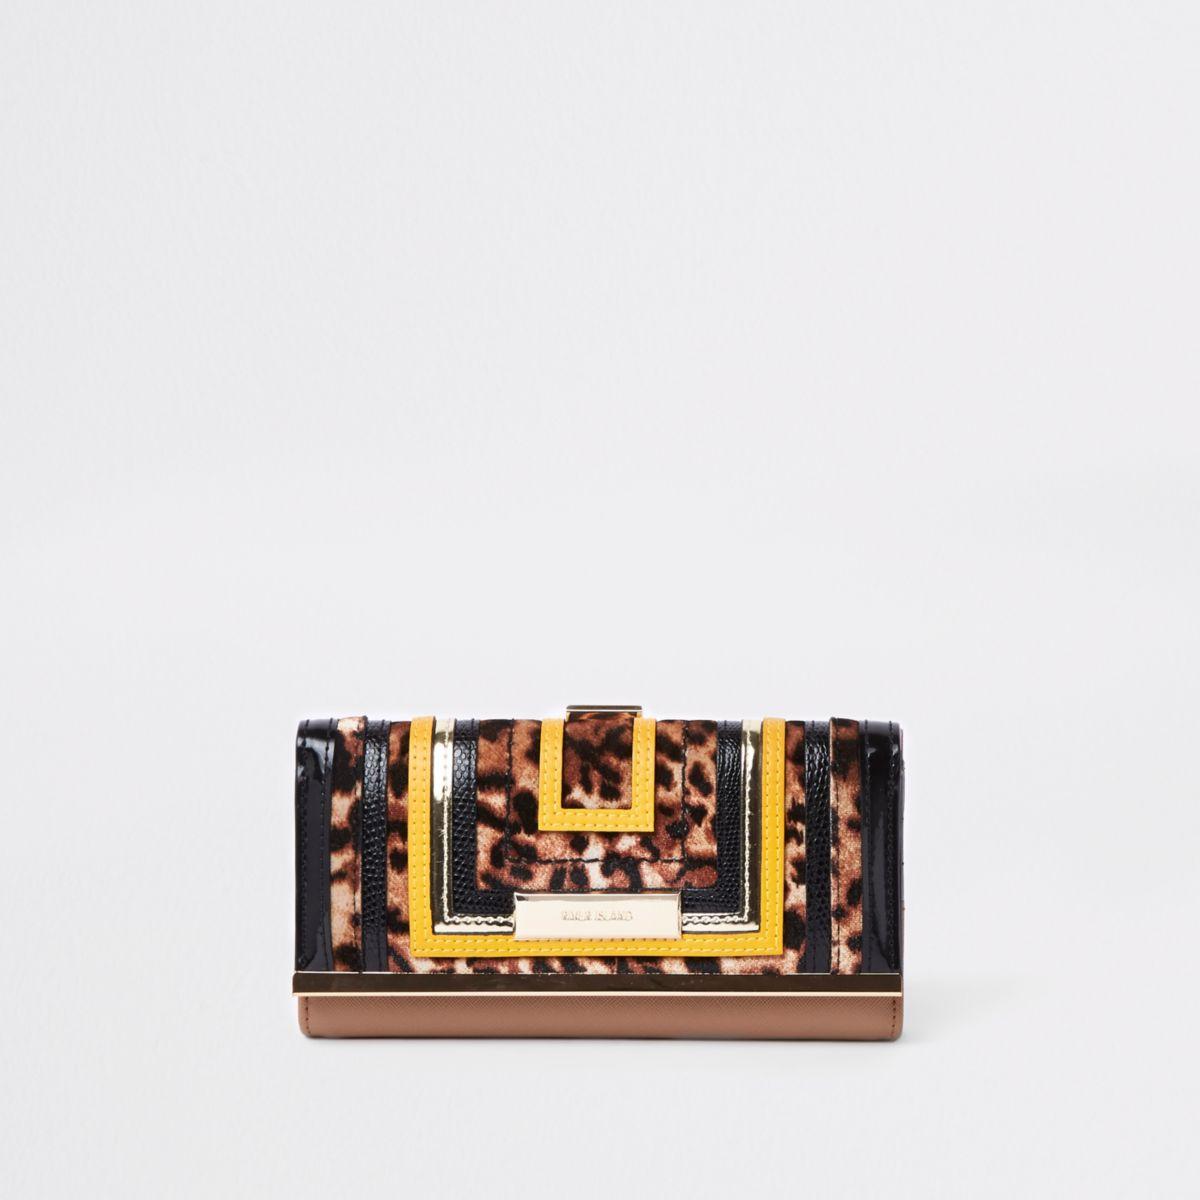 Beige portemonnee met luipaardprint, uitsnedes en druksluiting